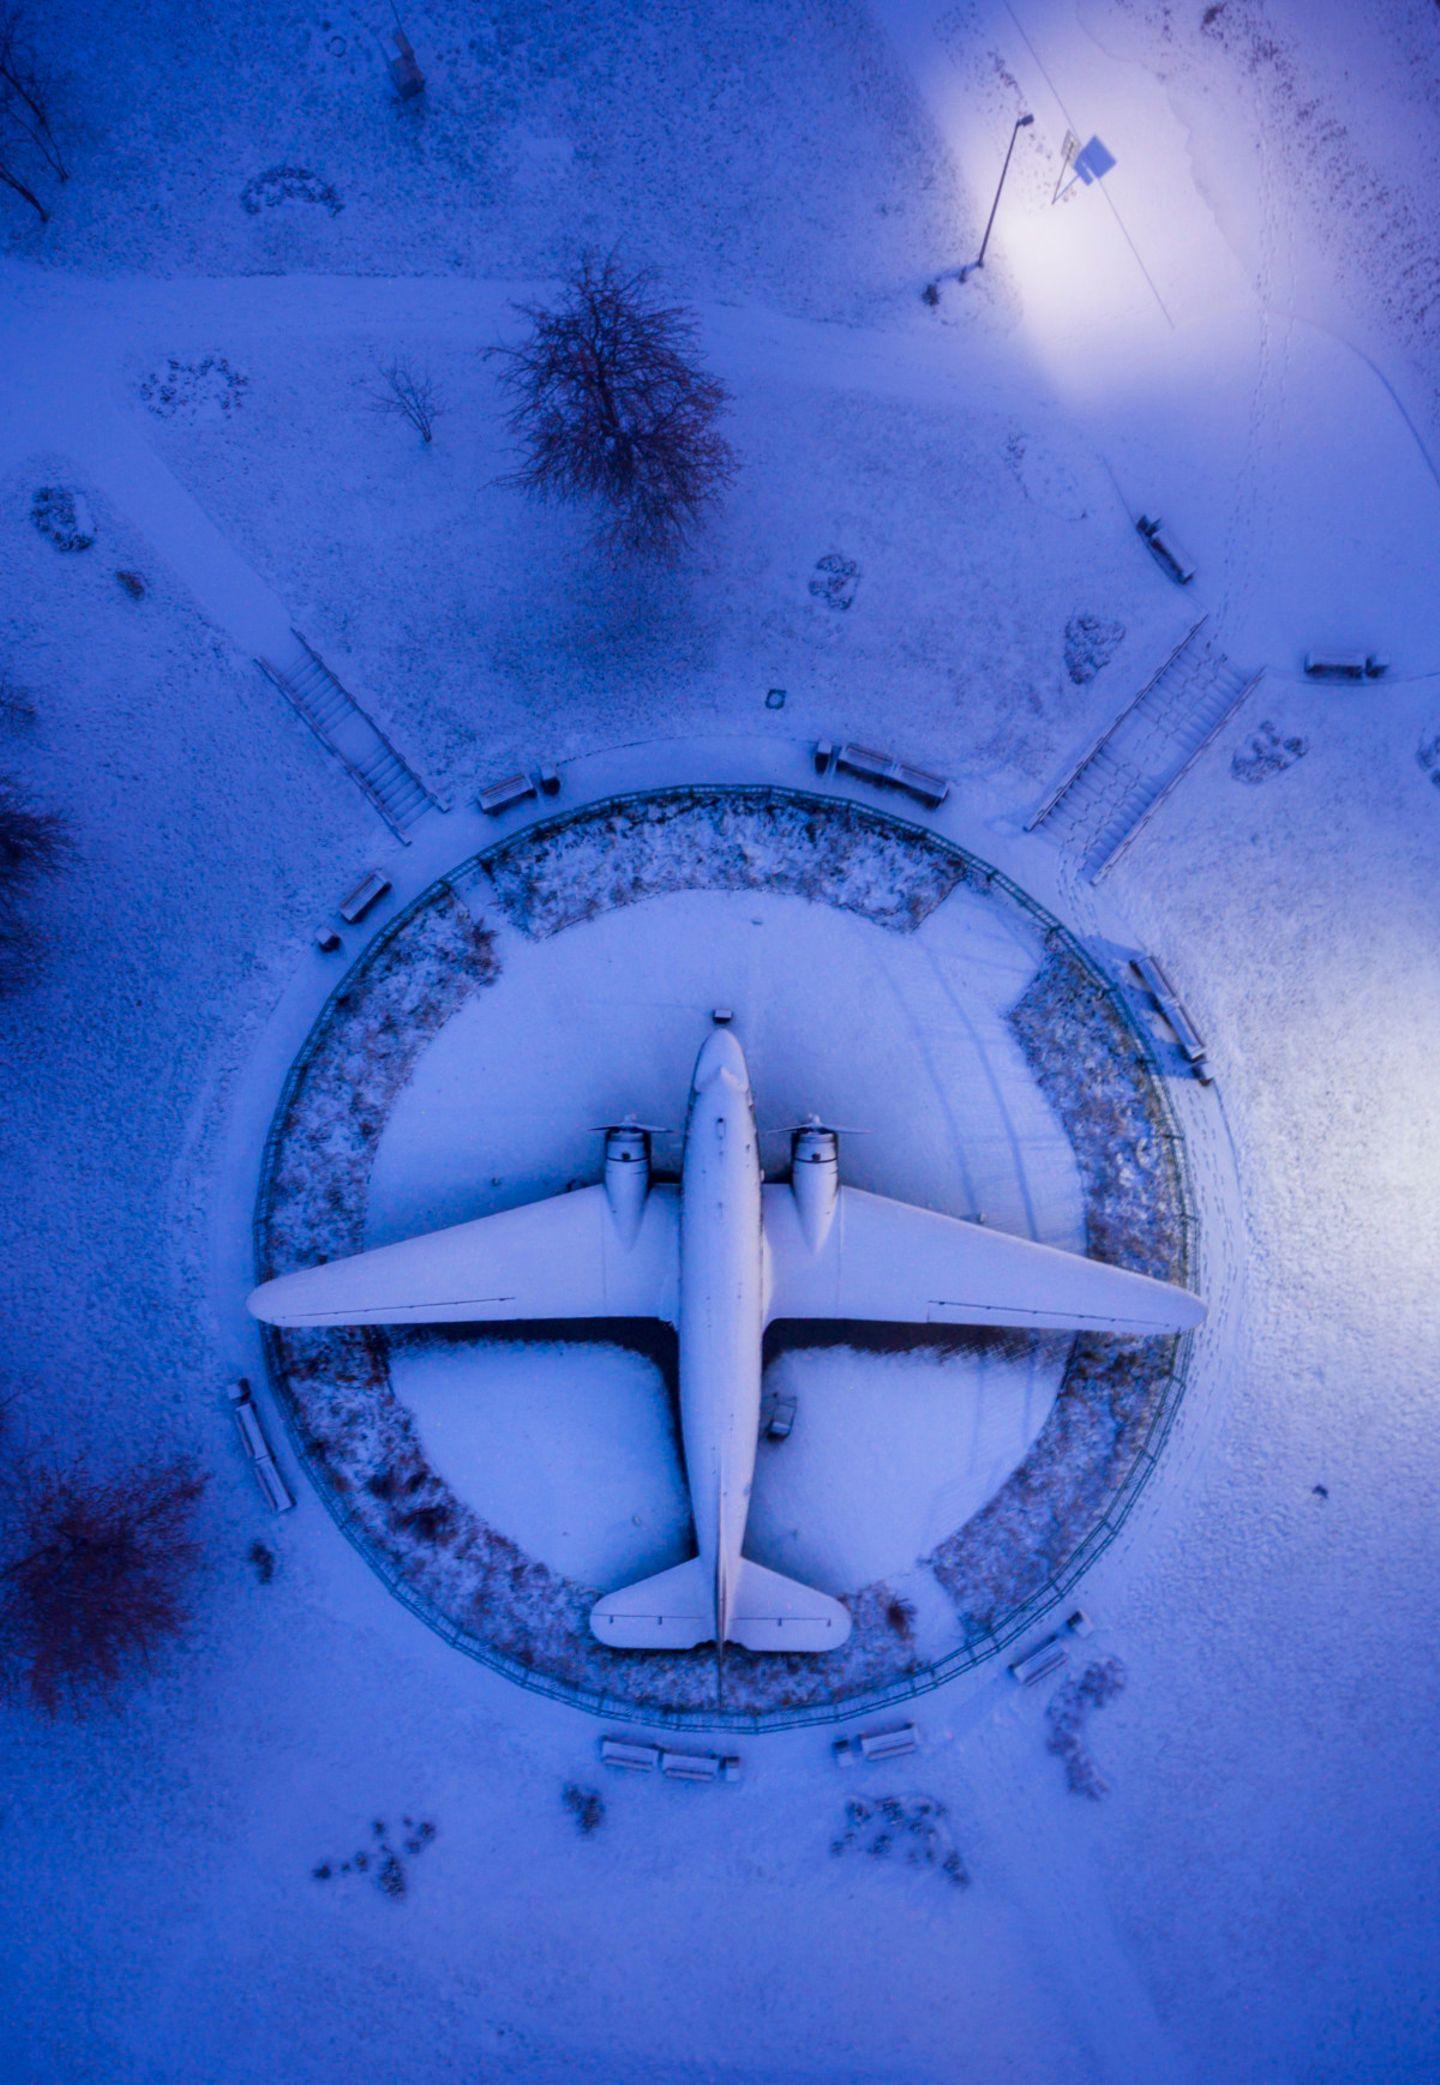 Flugzeug aus dem zweiten Weltkrieg